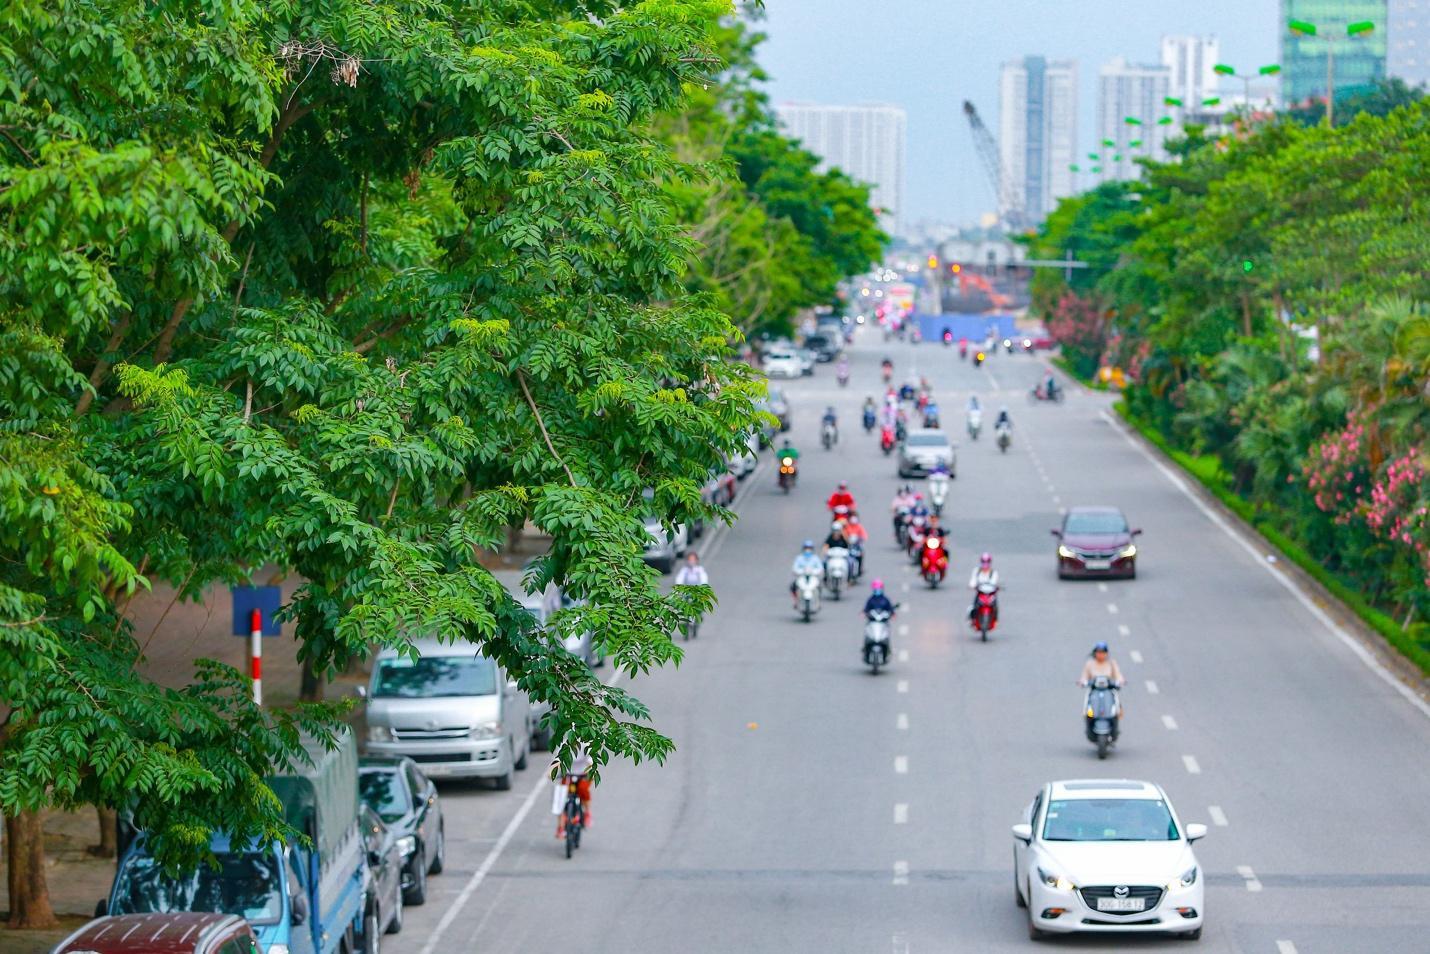 Cận cảnh 5 tuyến đường được mệnh danh đắt nhất hành tinh ở Hà Nội - Ảnh 7.